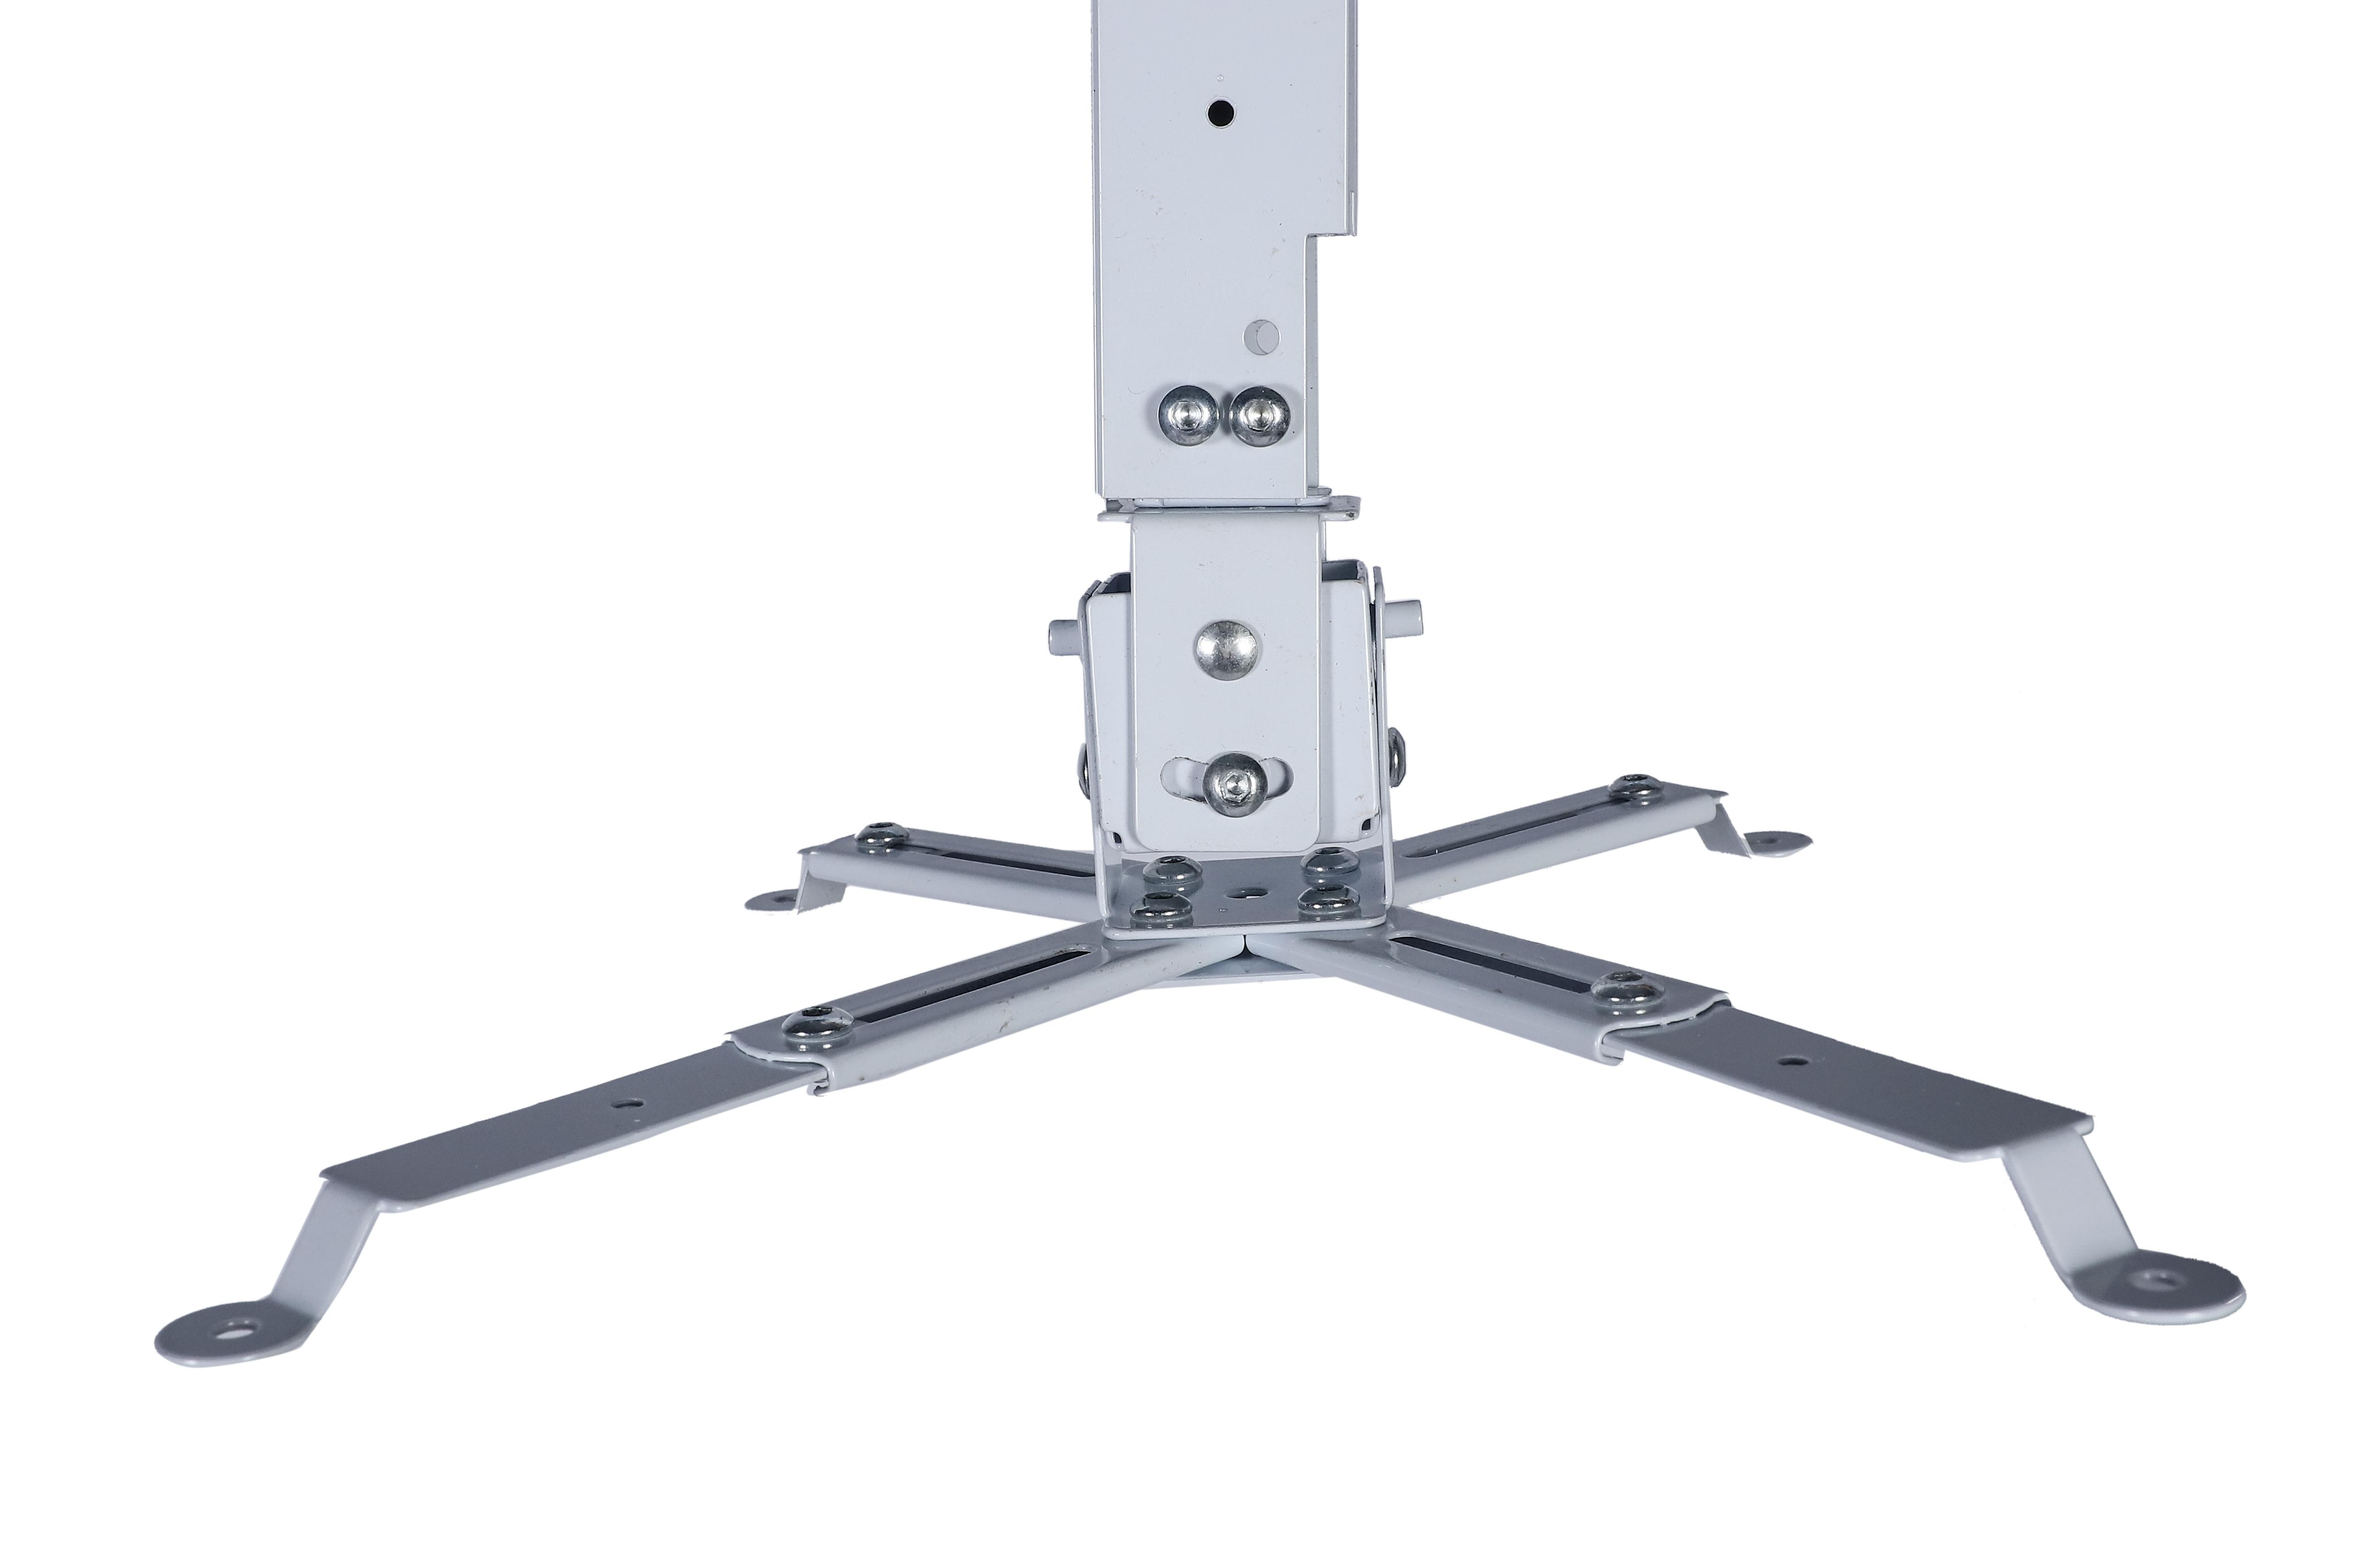 Giá treo máy chiếu đa năng nhôm 120cm - Hàng chính hãng